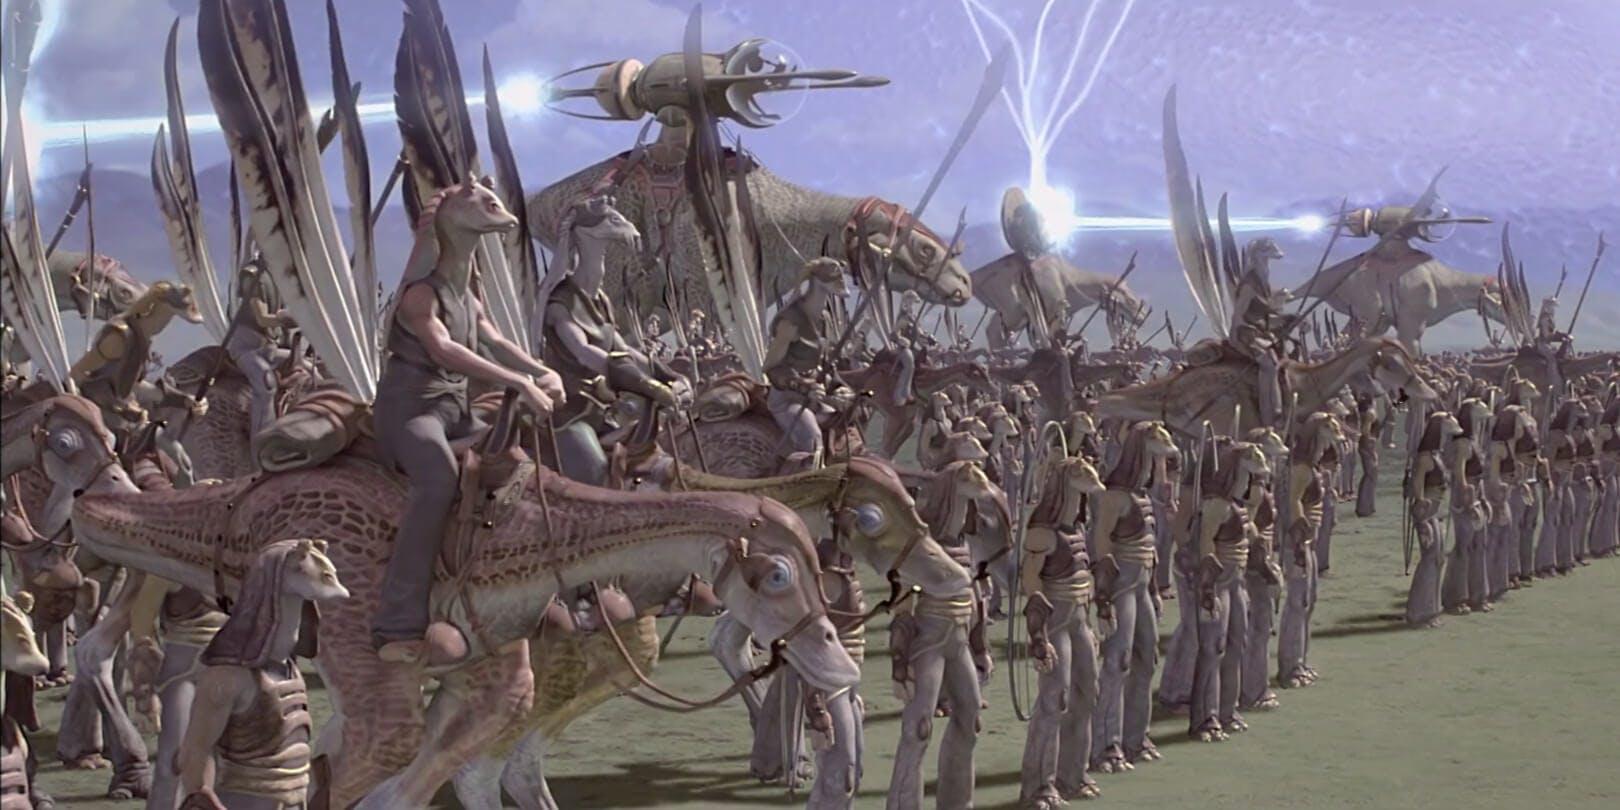 Star Wars creatures - Kaadu